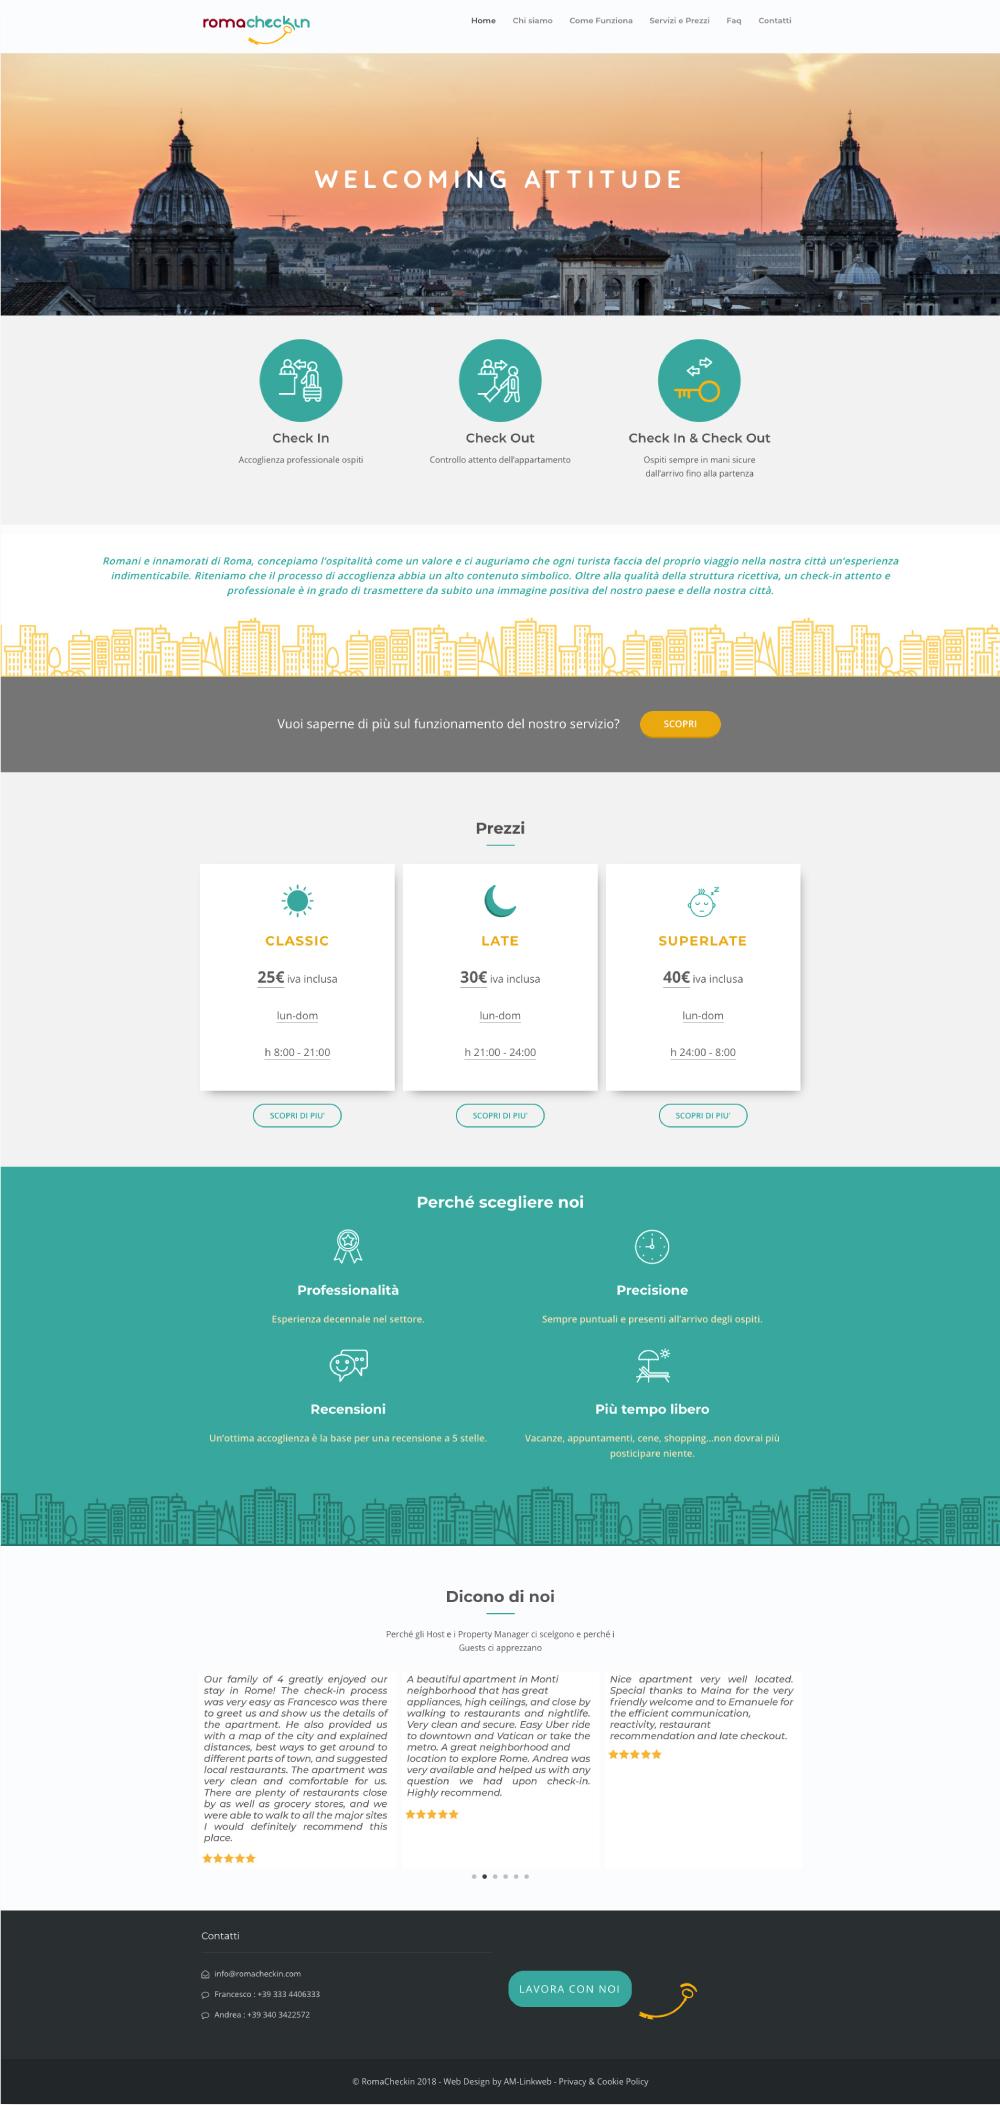 romacheckin layout sito